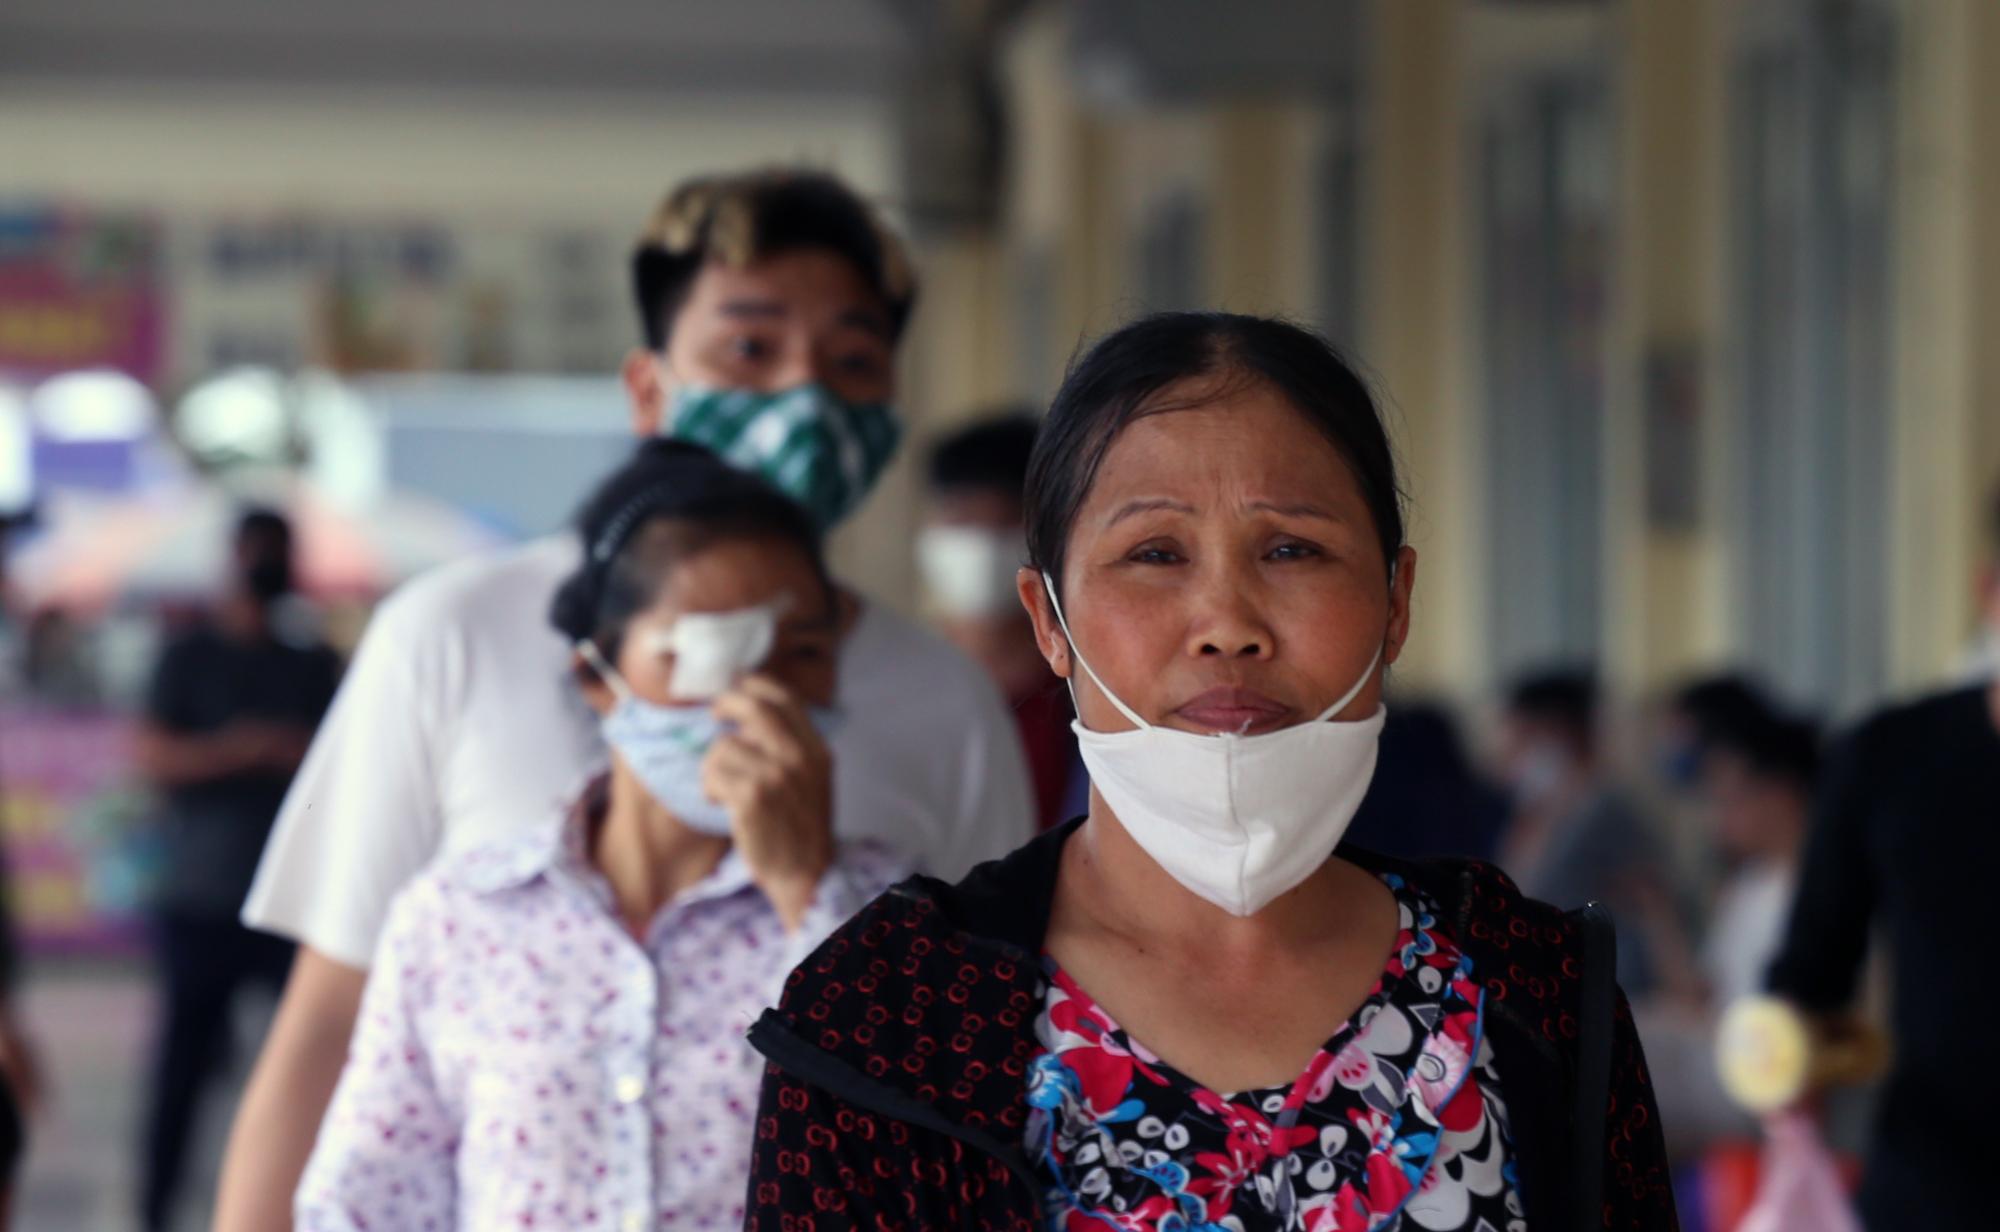 Vận tải khách trở lại bình thường, bến xe ở Hà Nội vẫn vắng vẻ - Ảnh 6.